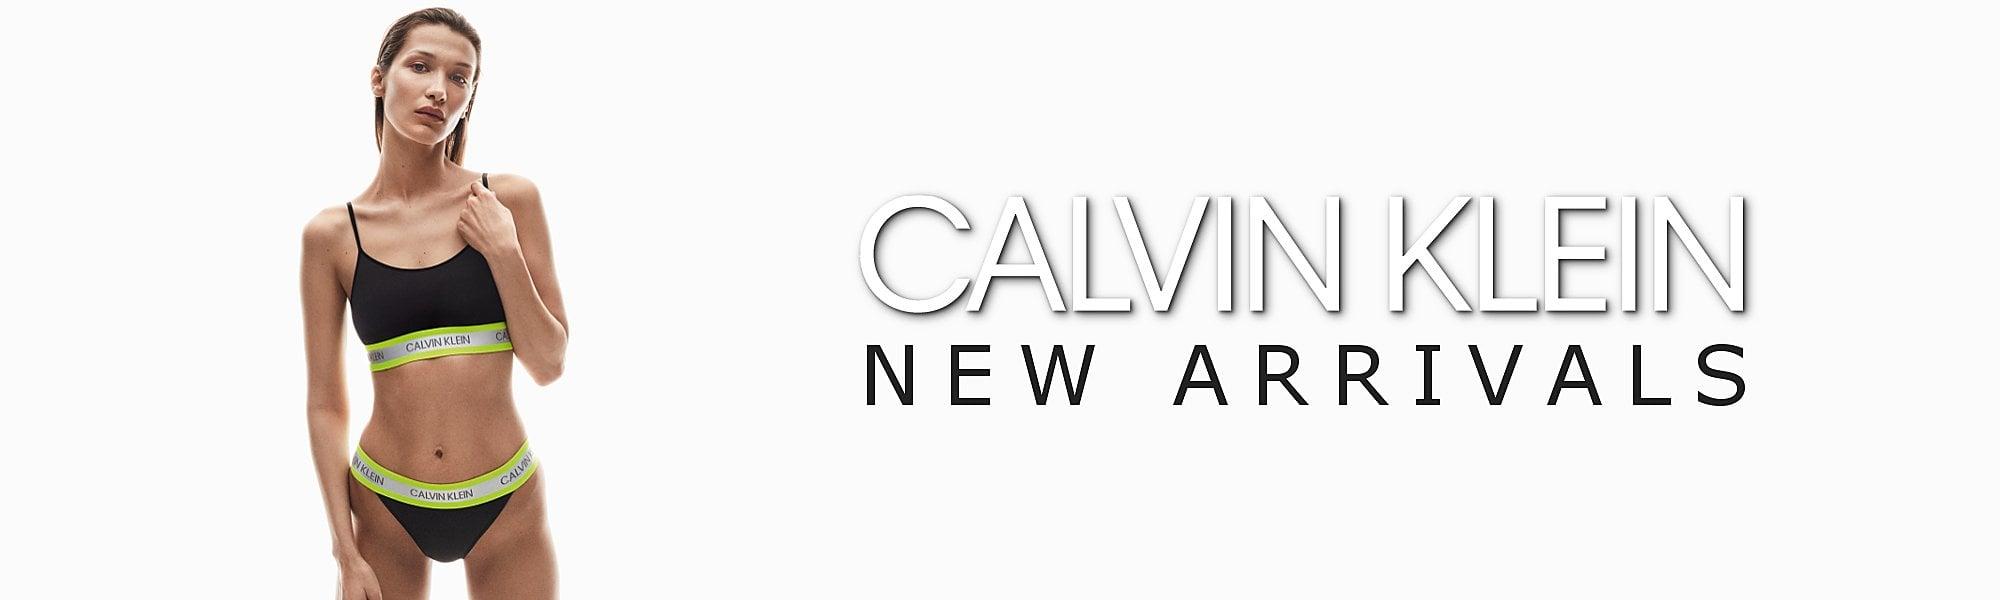 CALVIN KLEIN NEW ARRIVALS